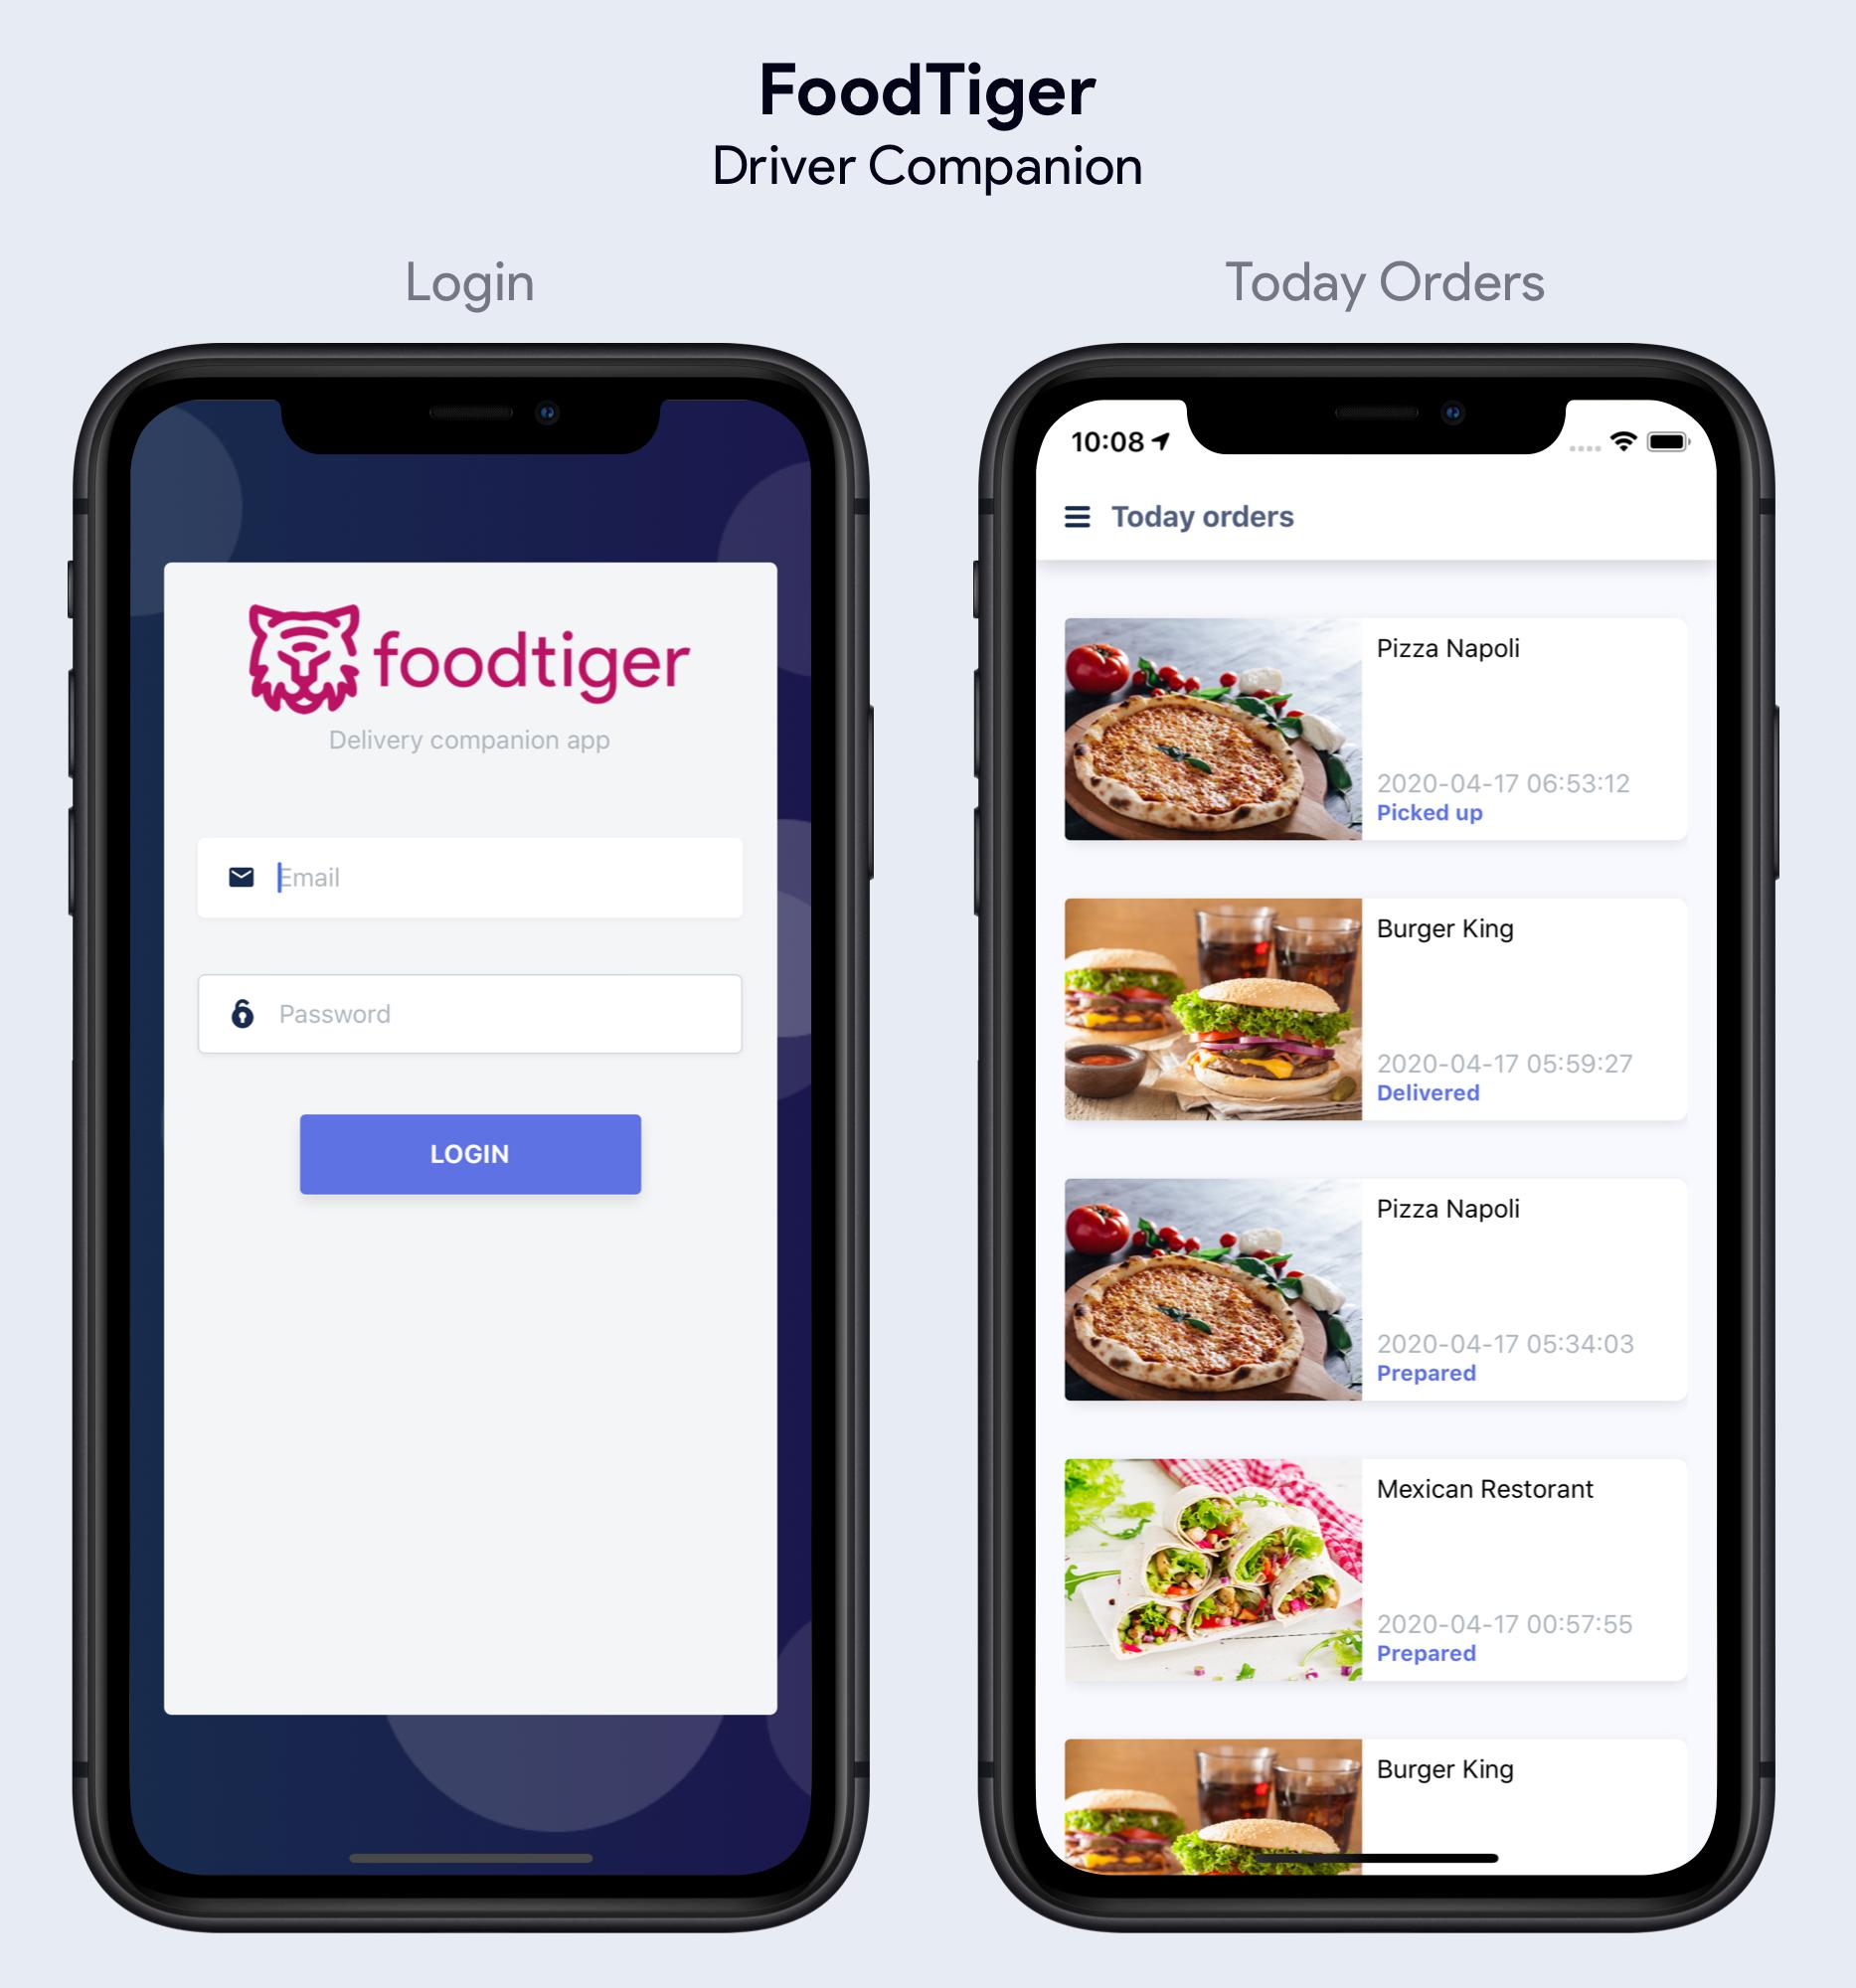 Application Driver Companion pour la livraison FoodTiger - 5